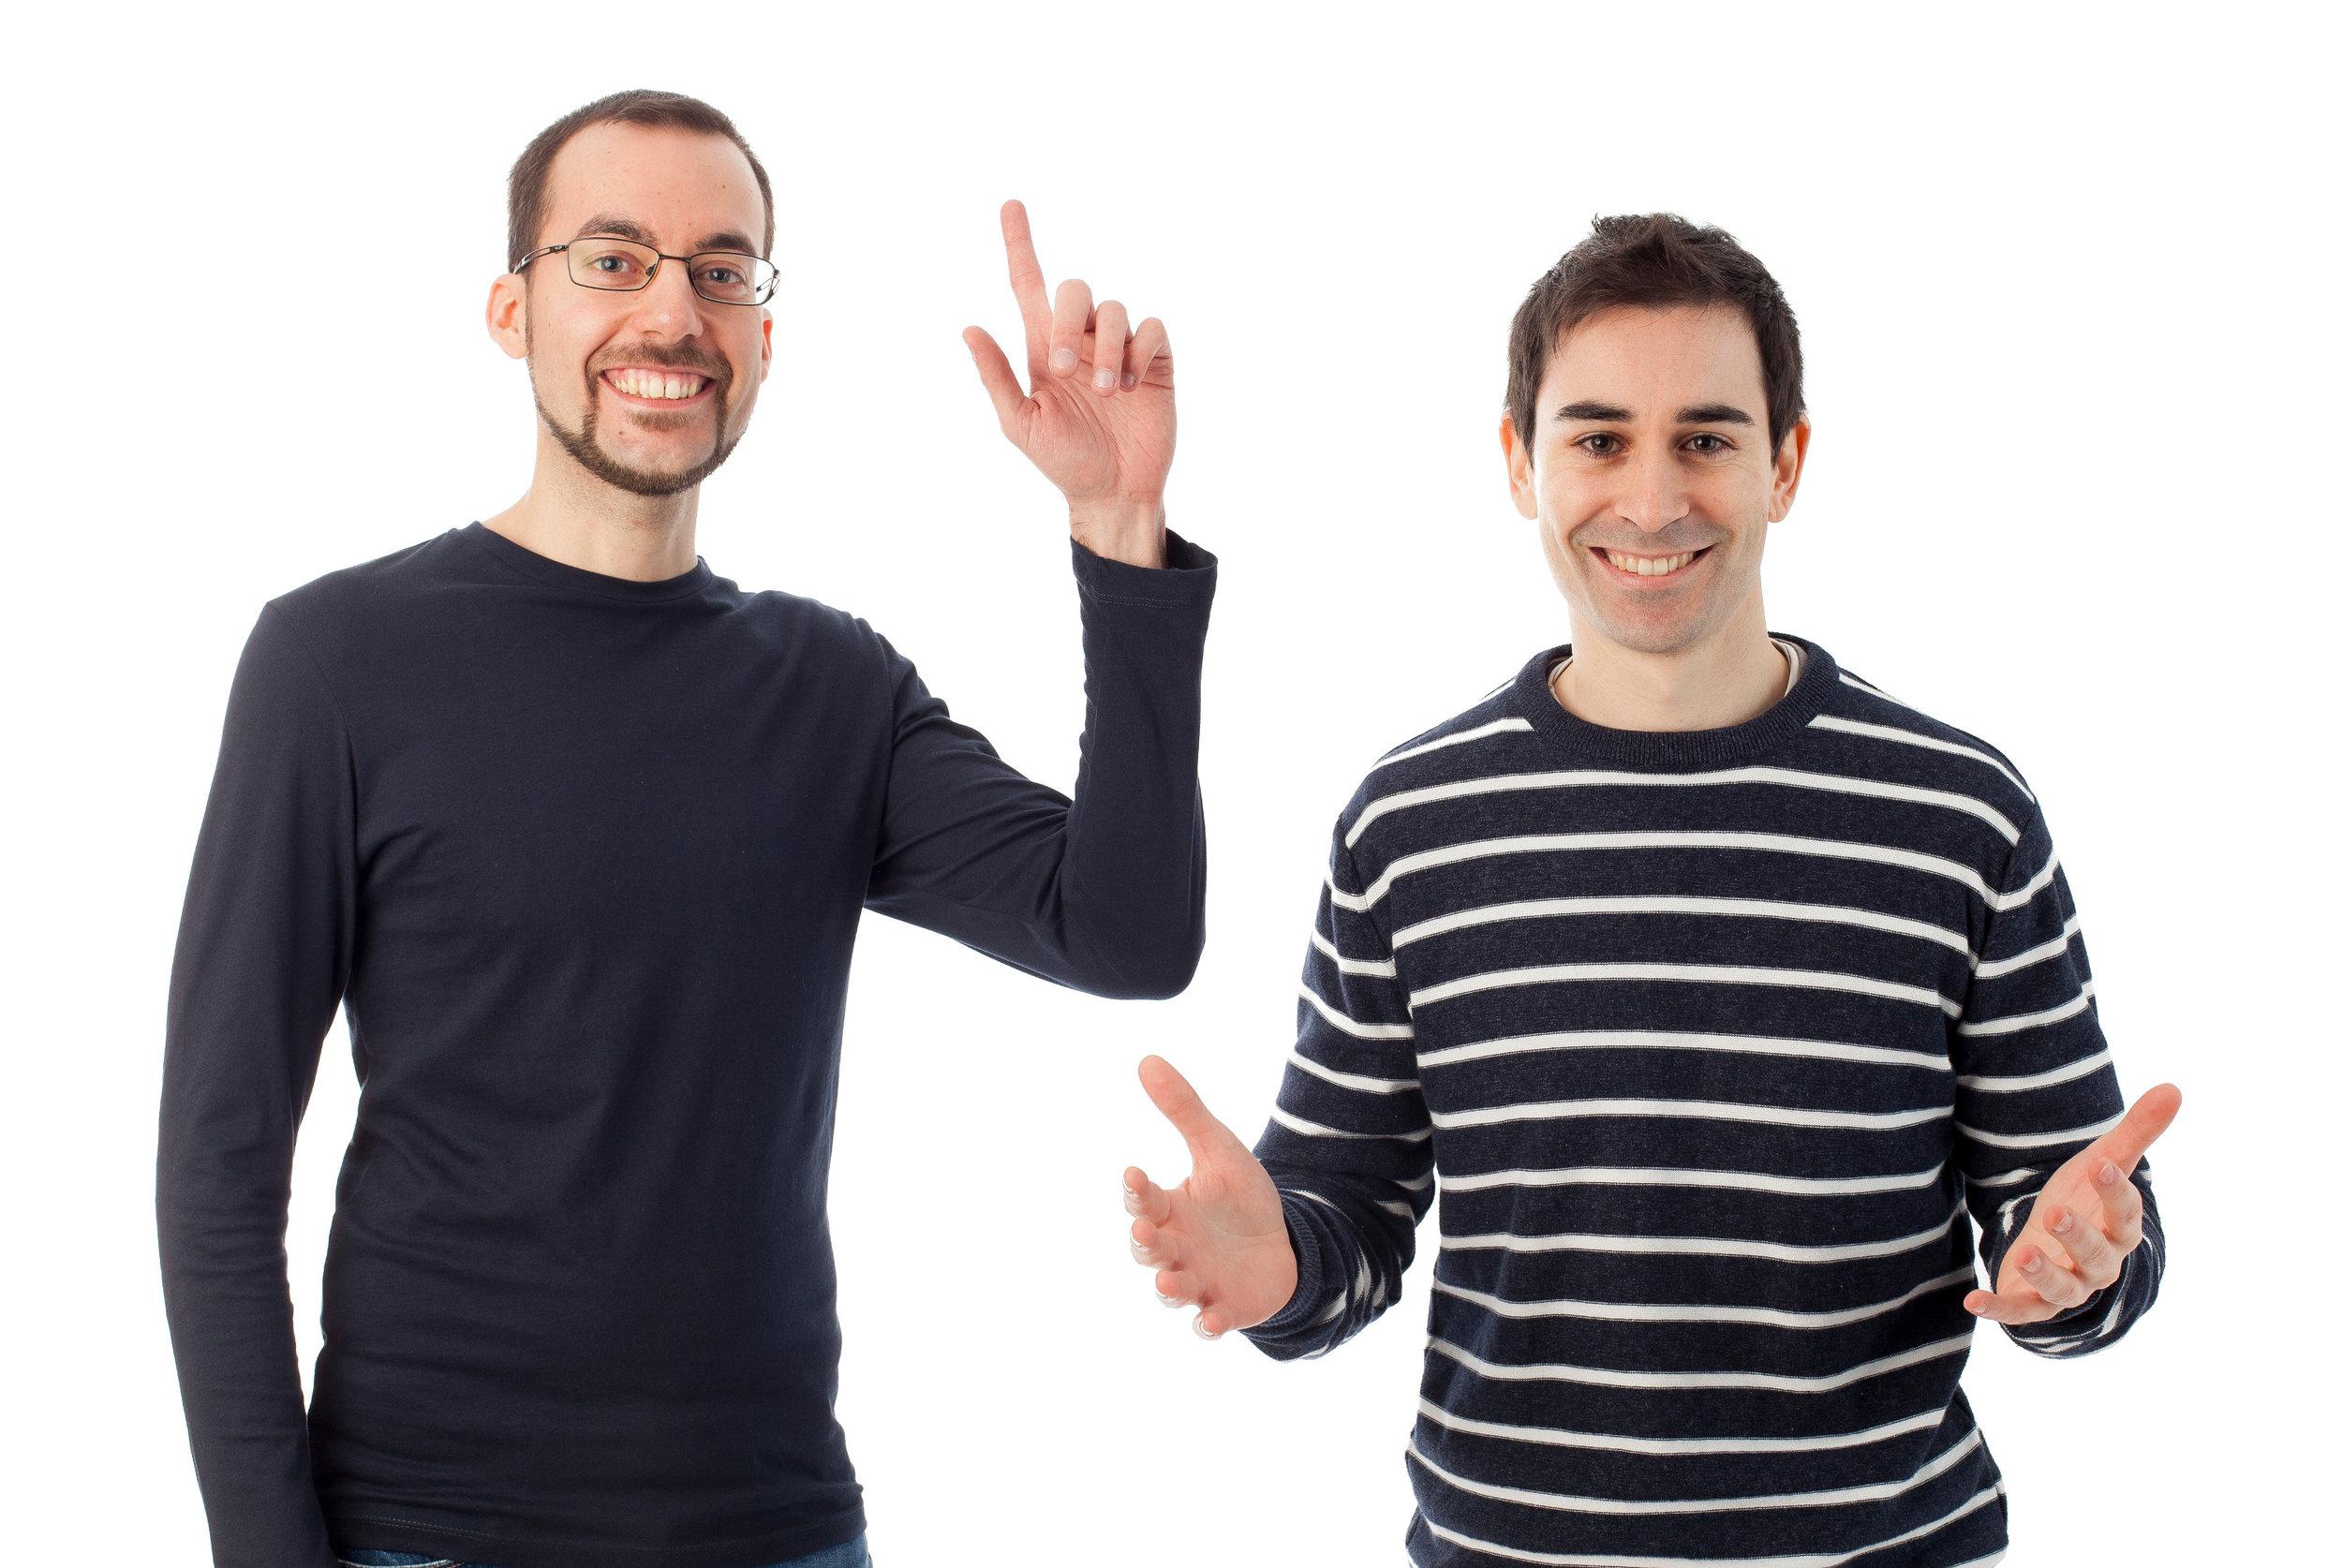 David Carulla y Miquel Nadal - Responsables de RCTV